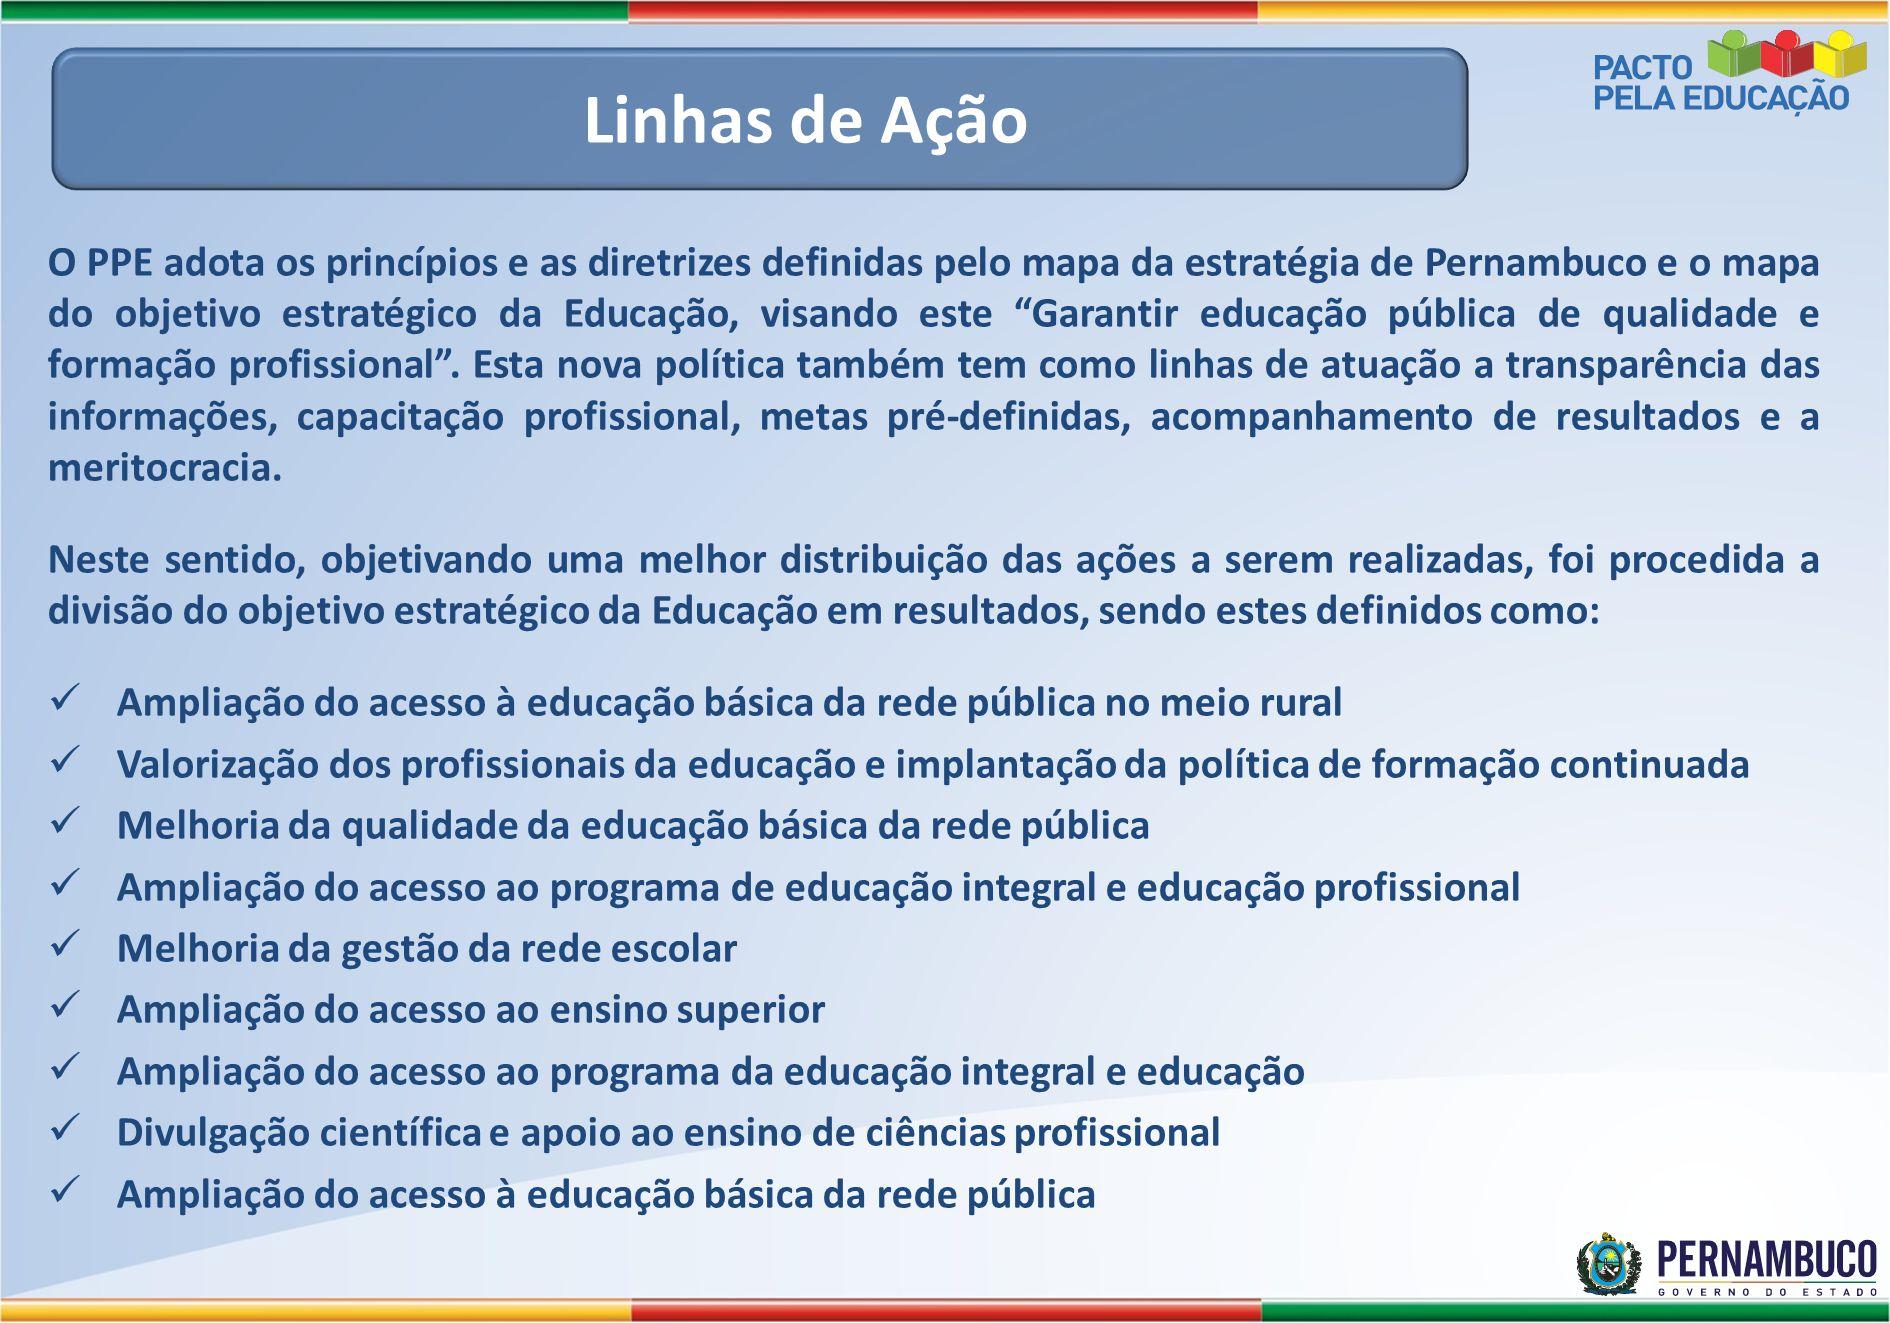 """O PPE adota os princípios e as diretrizes definidas pelo mapa da estratégia de Pernambuco e o mapa do objetivo estratégico da Educação, visando este """""""